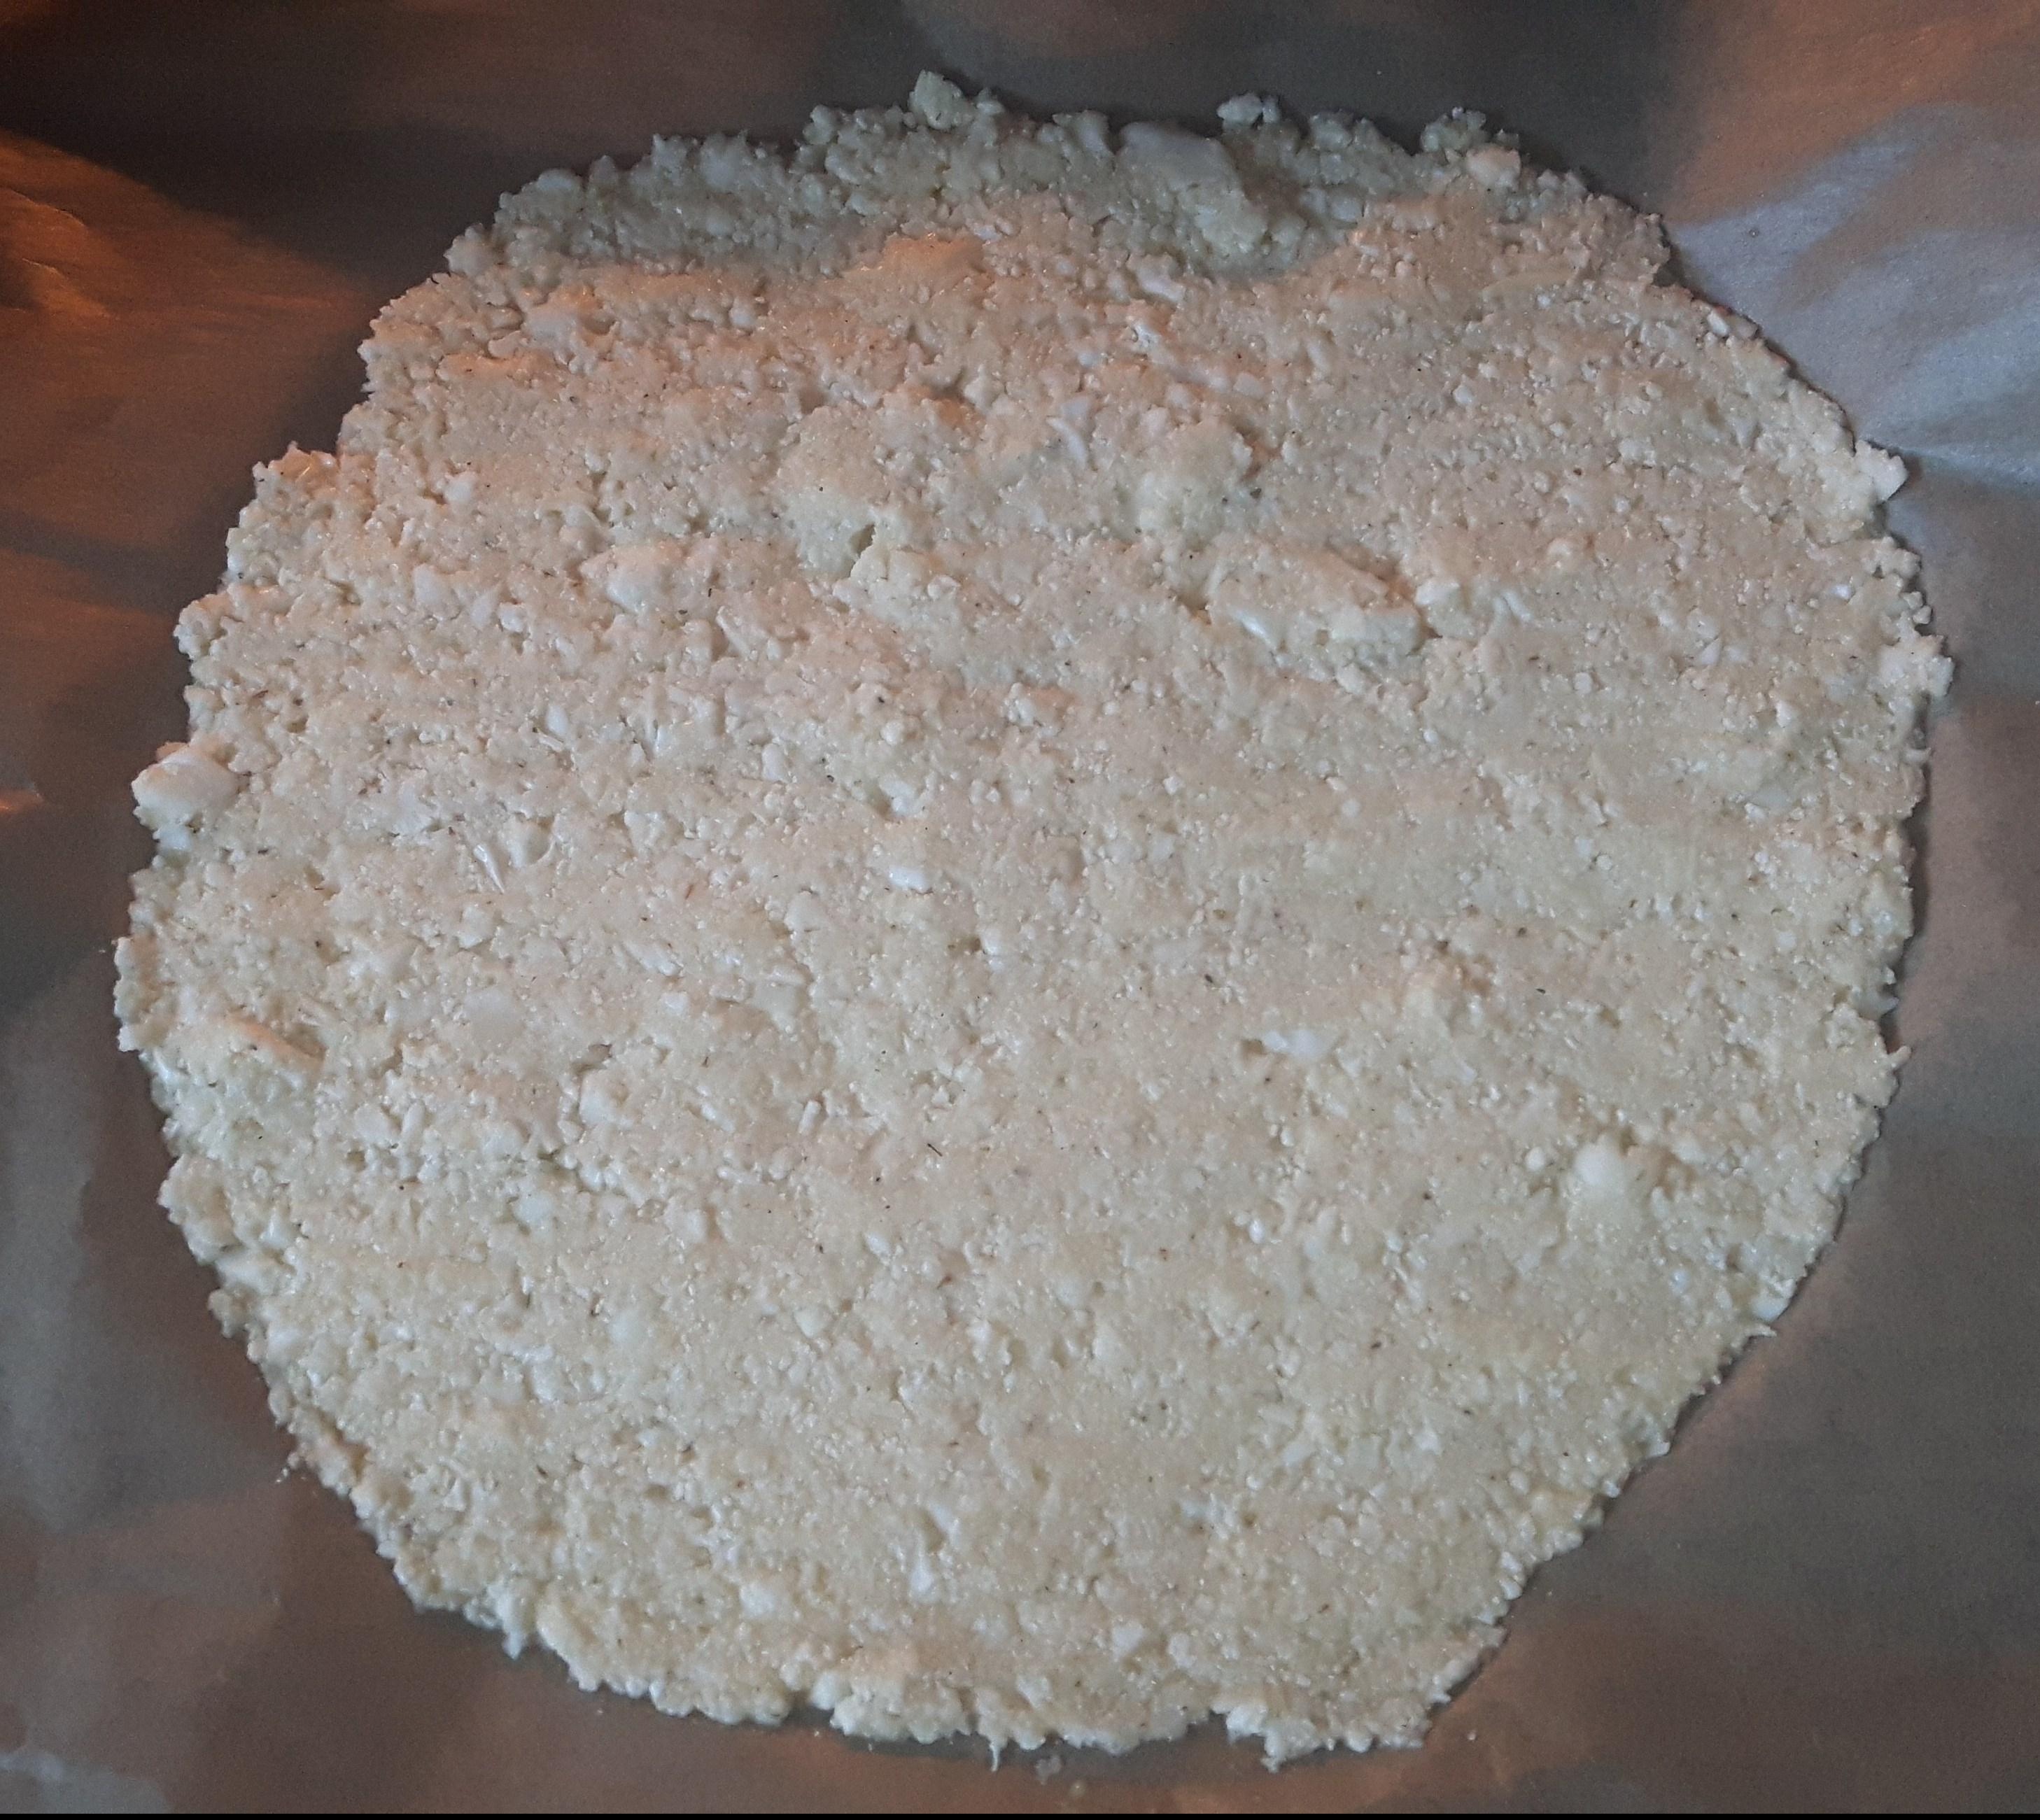 Cauliflower pizza crust with homemade tomato sauce recipe